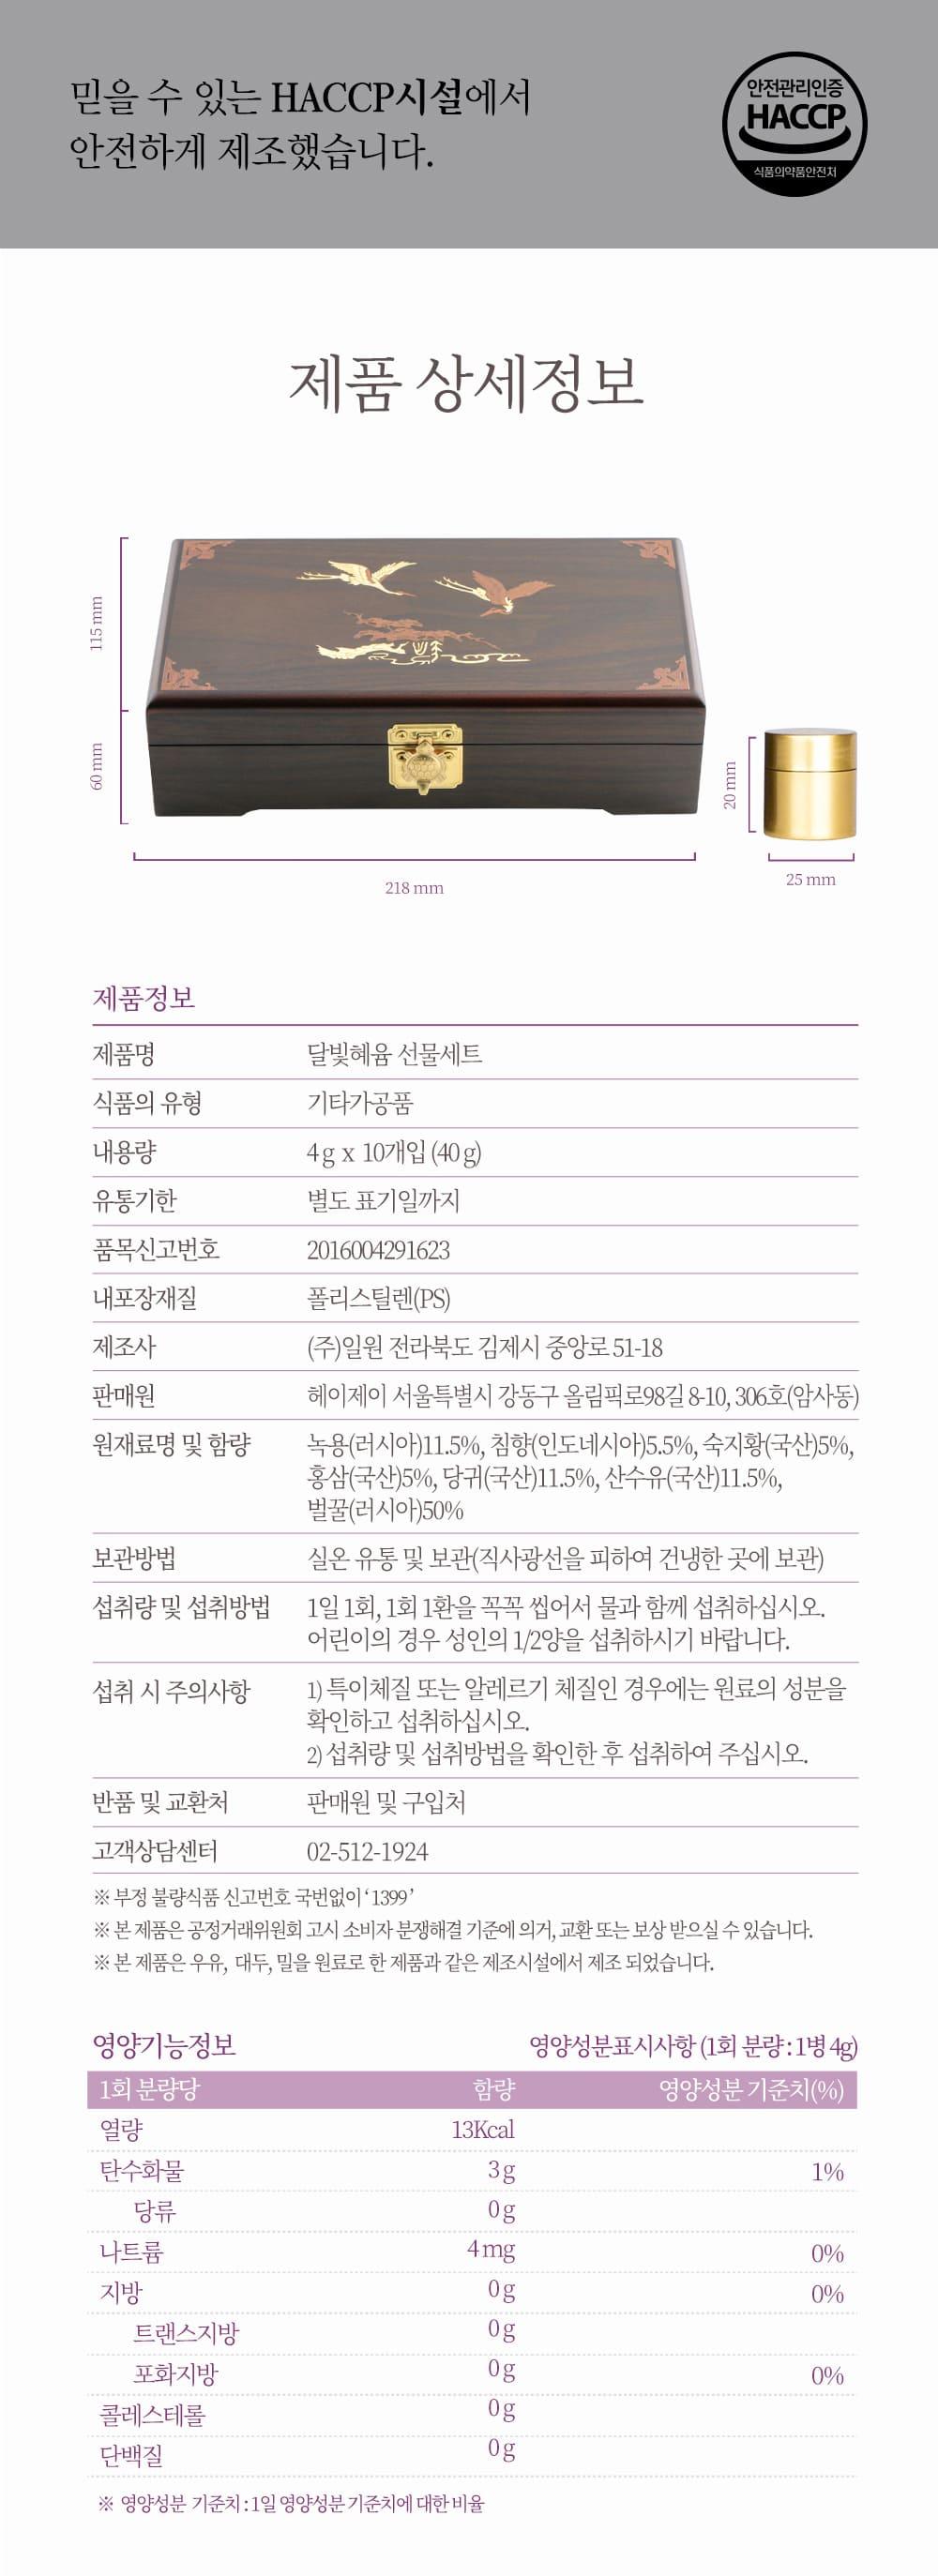 달빛혜윰 선물세트 상품 상세 설명.